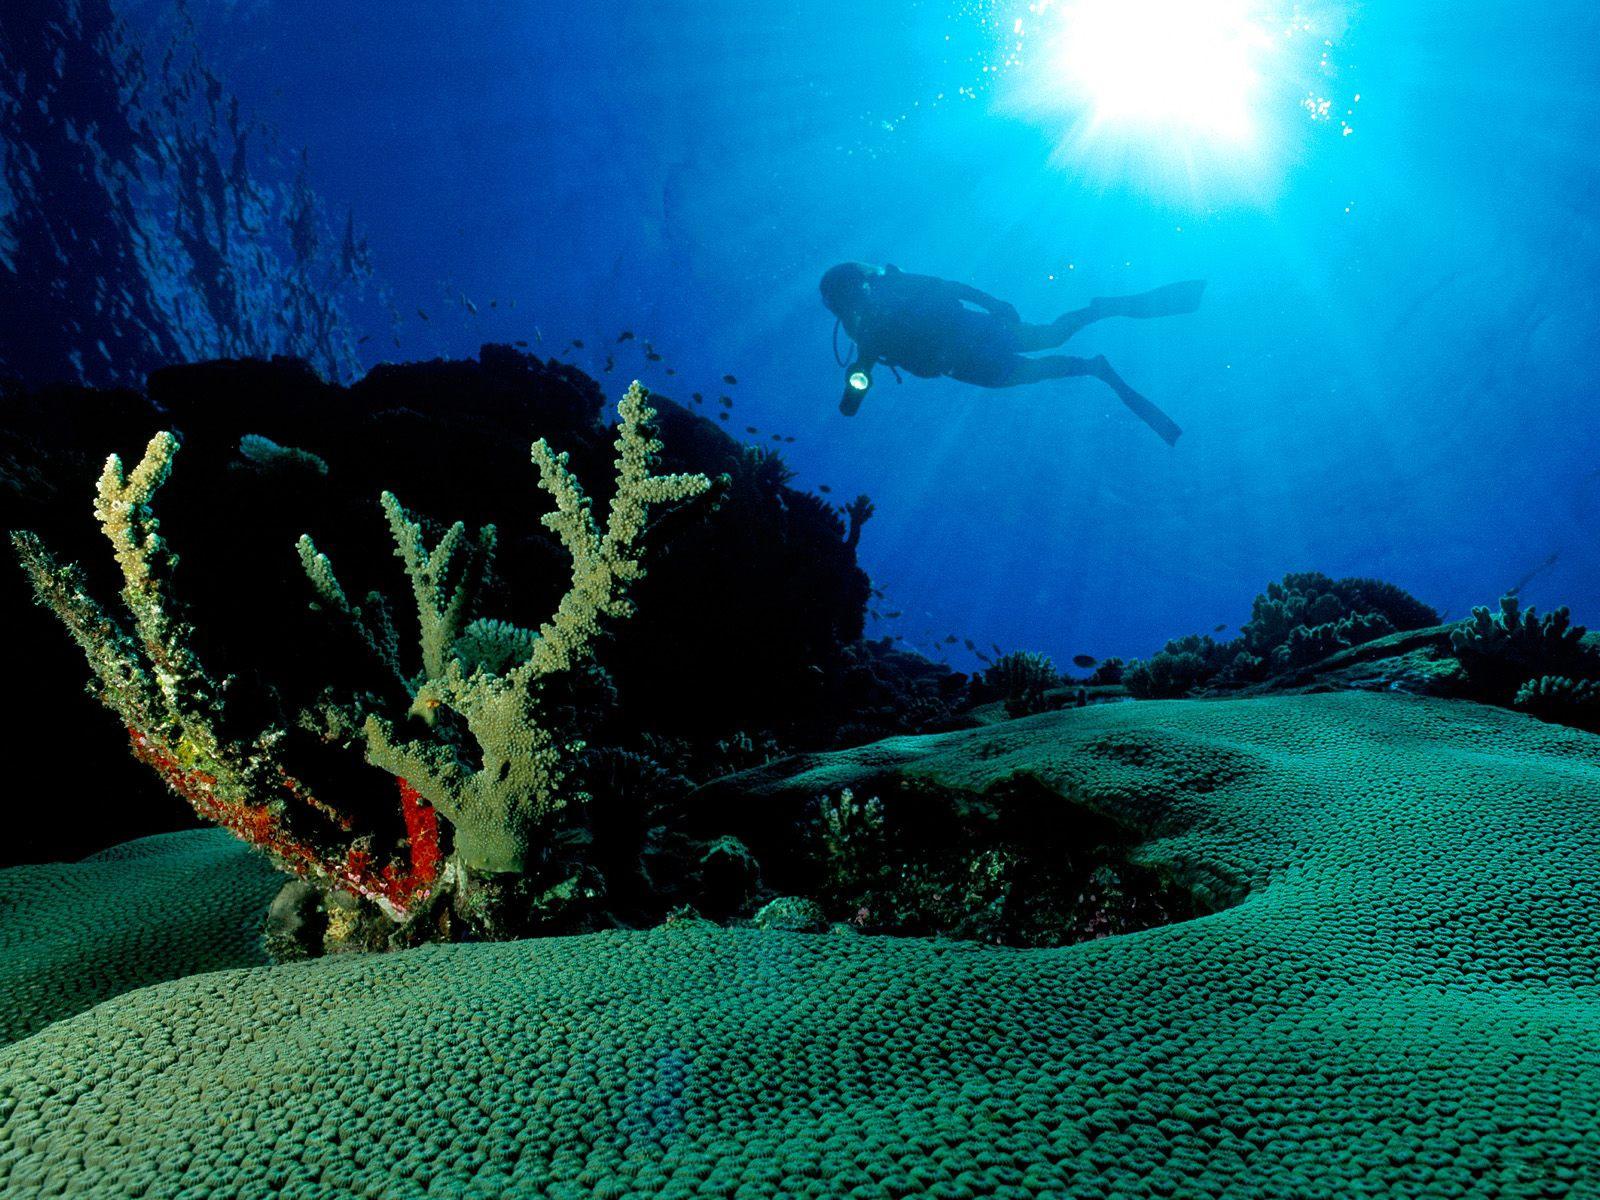 на дне океана картинка неординарному человеку всегда